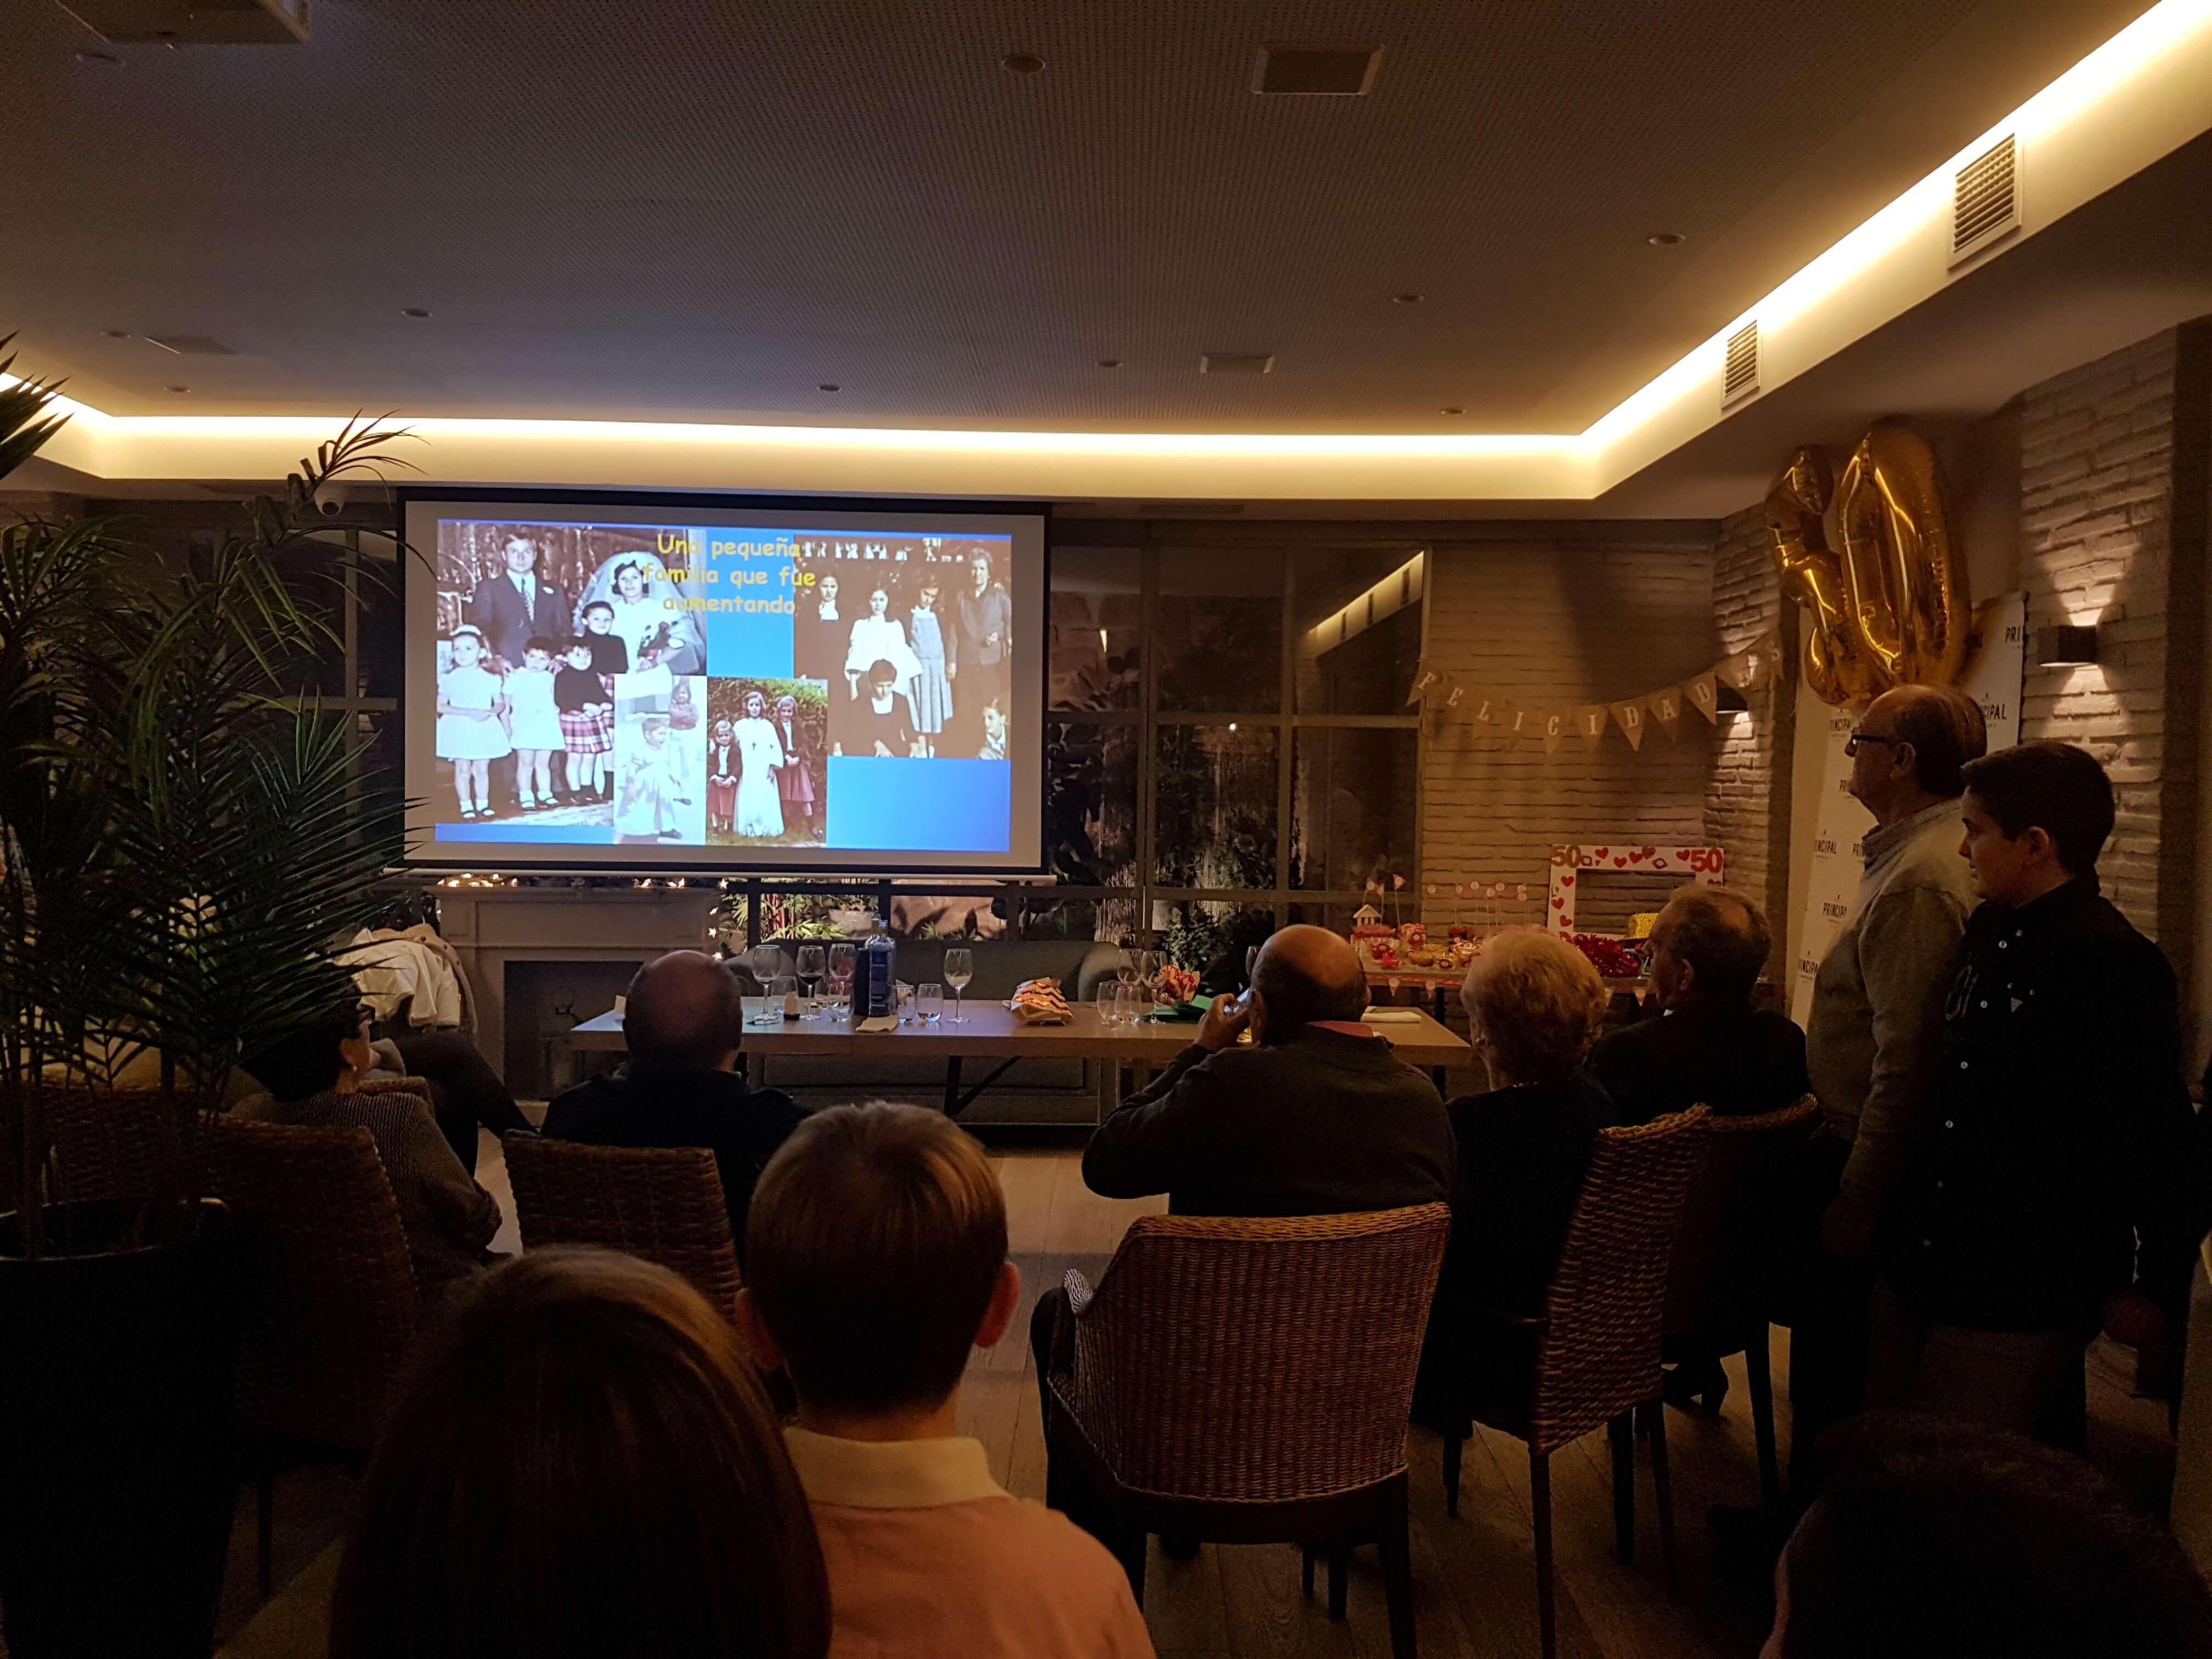 Restaurante El Palmeral. Eventos. Visión de diapositivas en celebración multitudinaria